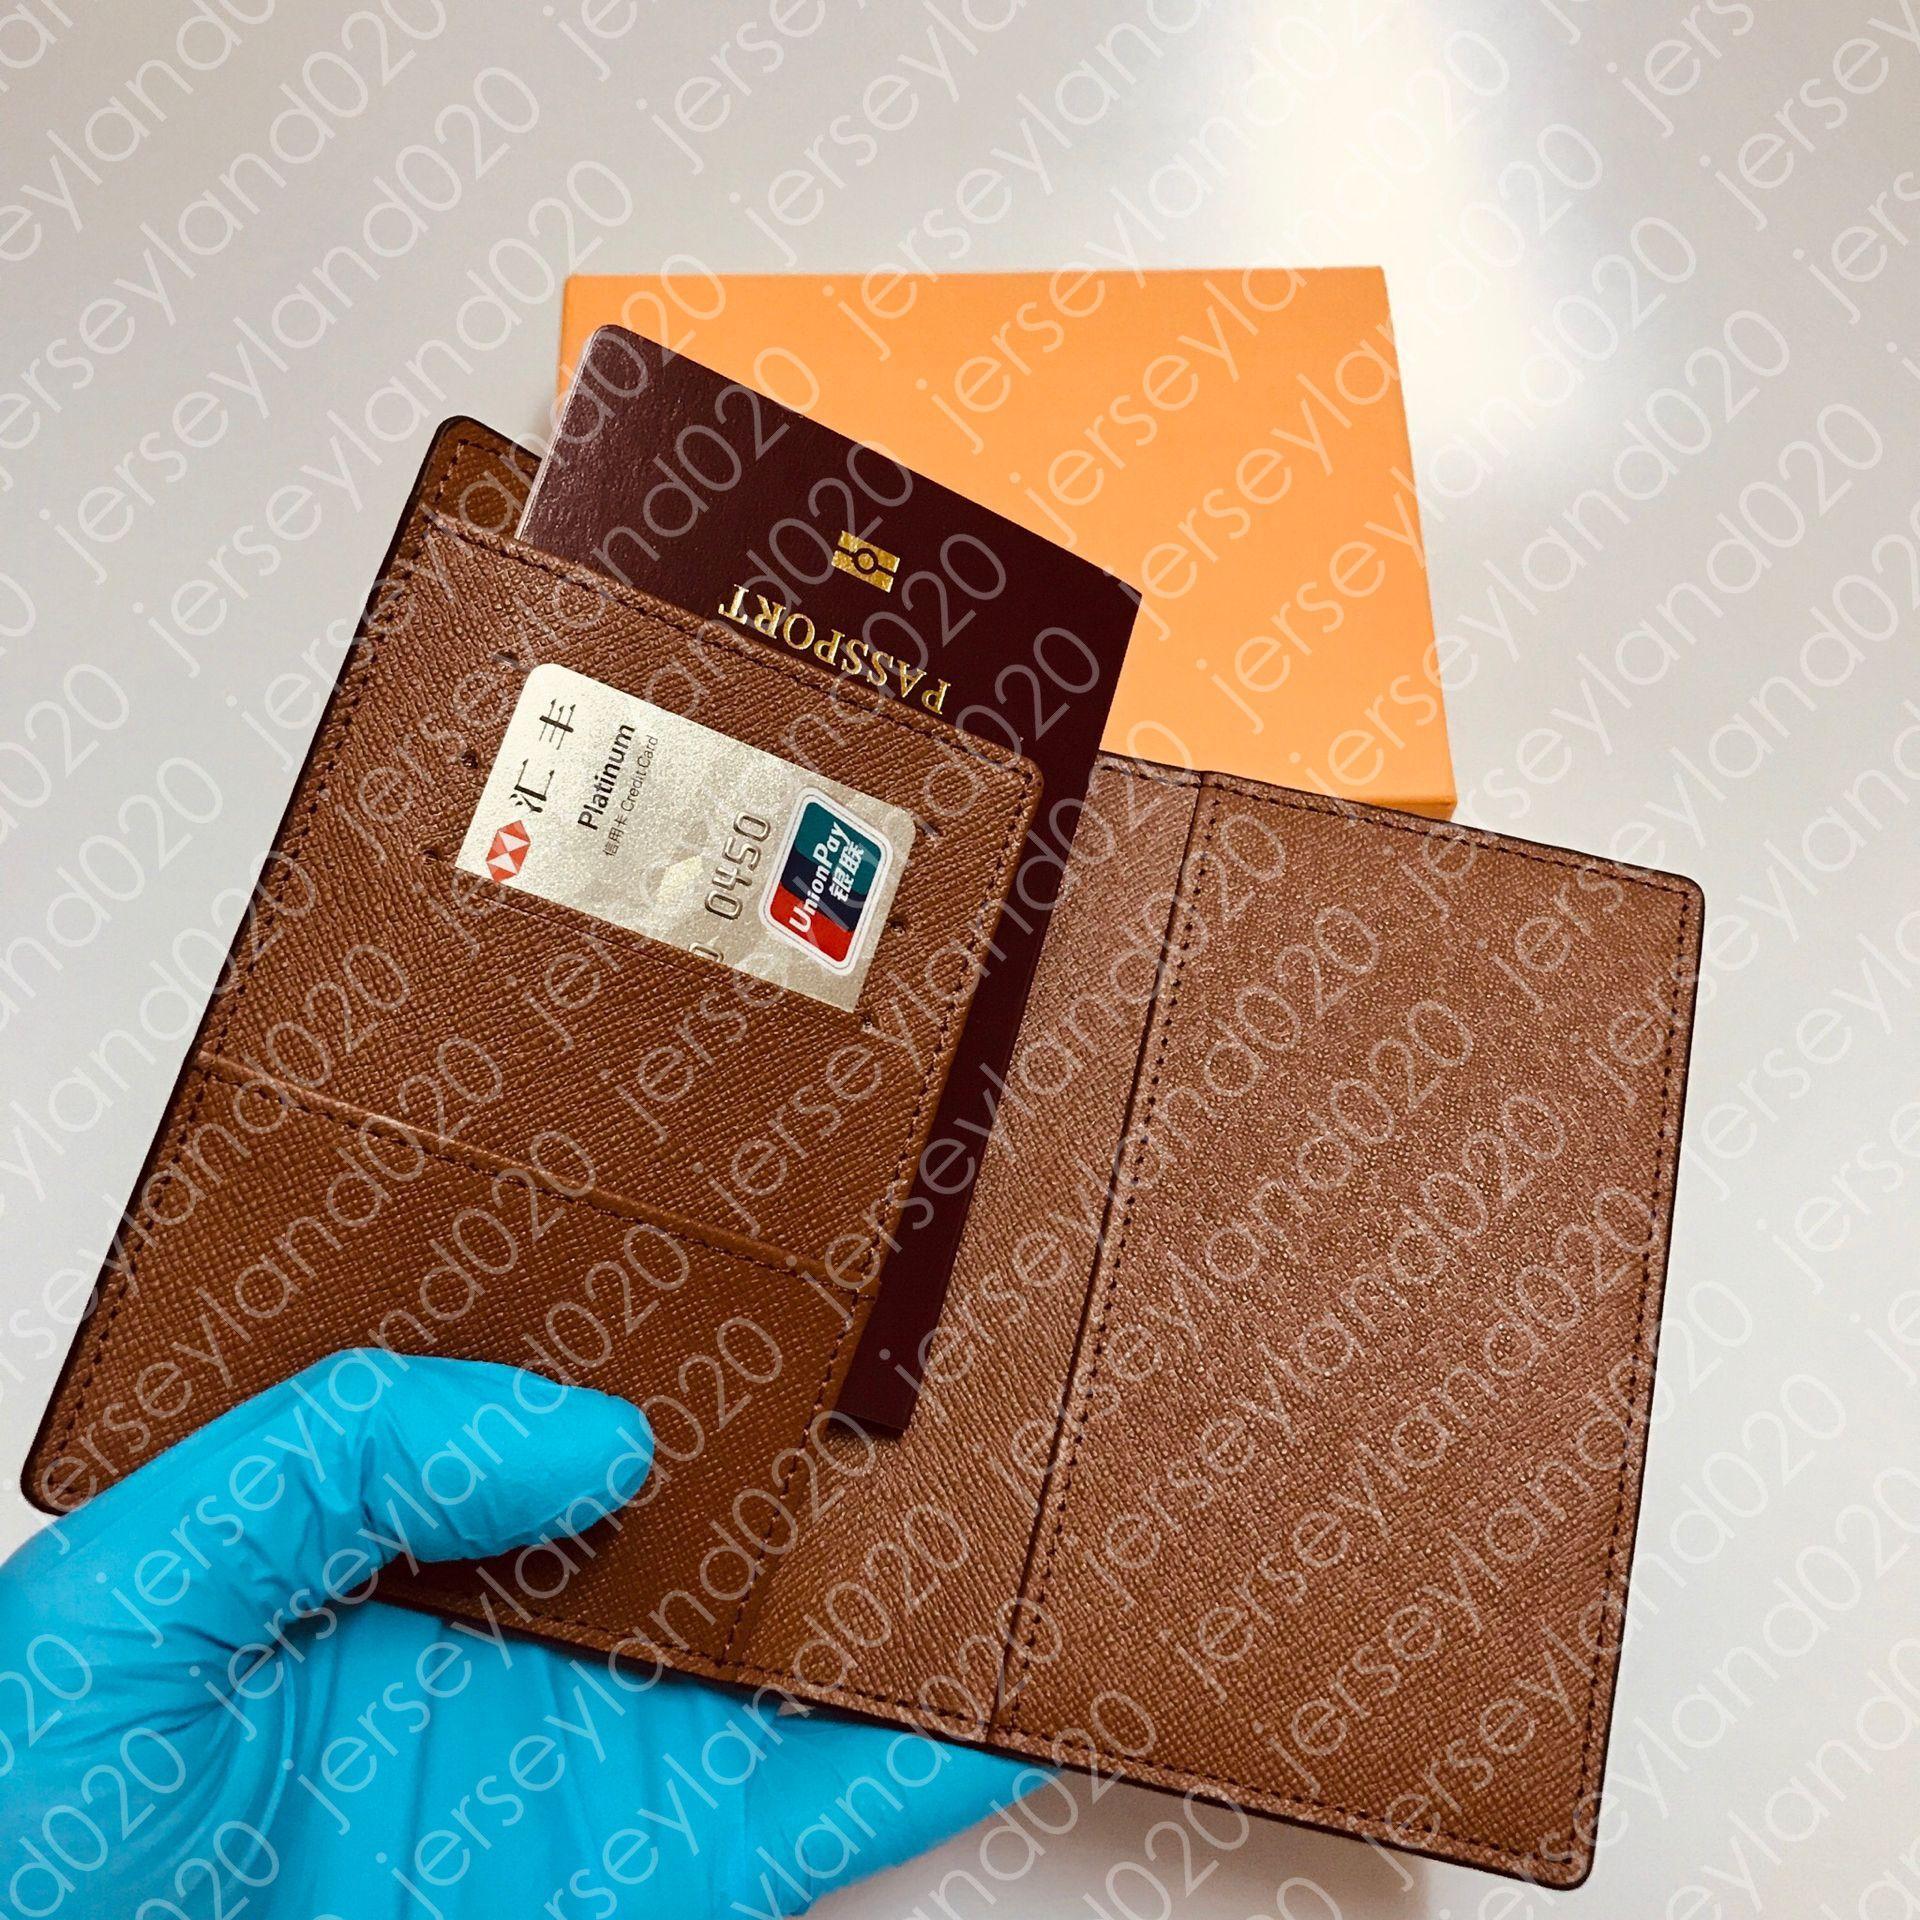 جواز السفر إمرأة للجنسين الأزياء حماية جواز السفر حالة العصرية حامل بطاقة الائتمان رجل محفظة براون أيقونة قماش couverture passeport